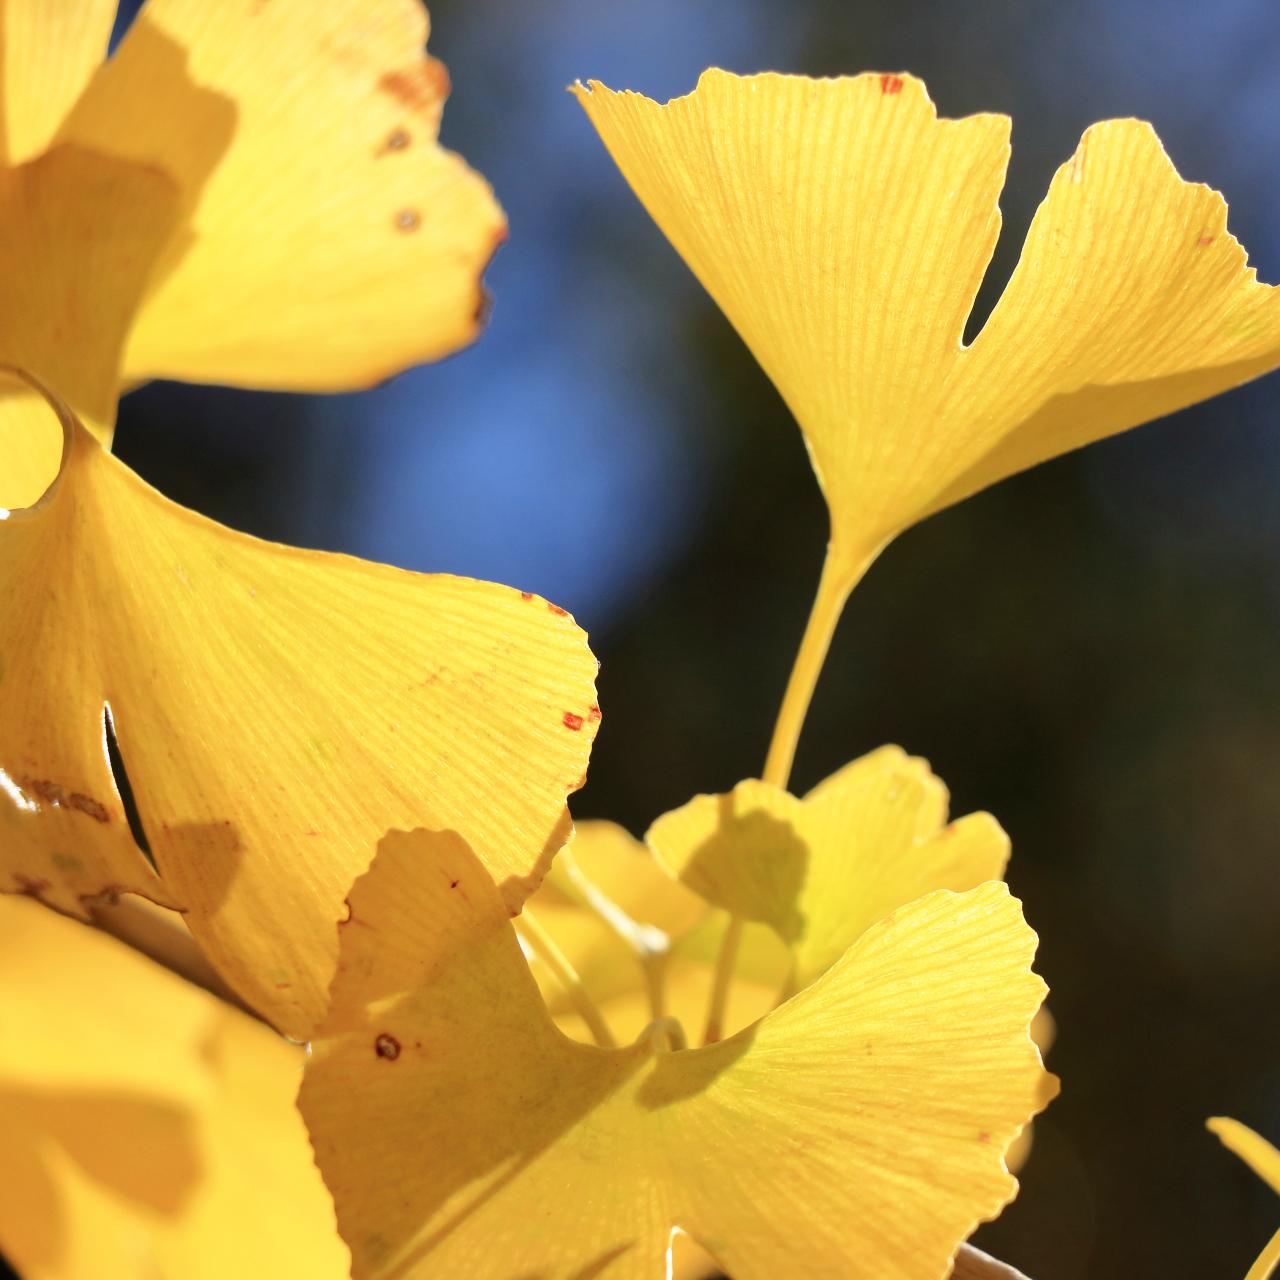 イチョウ葉の画像